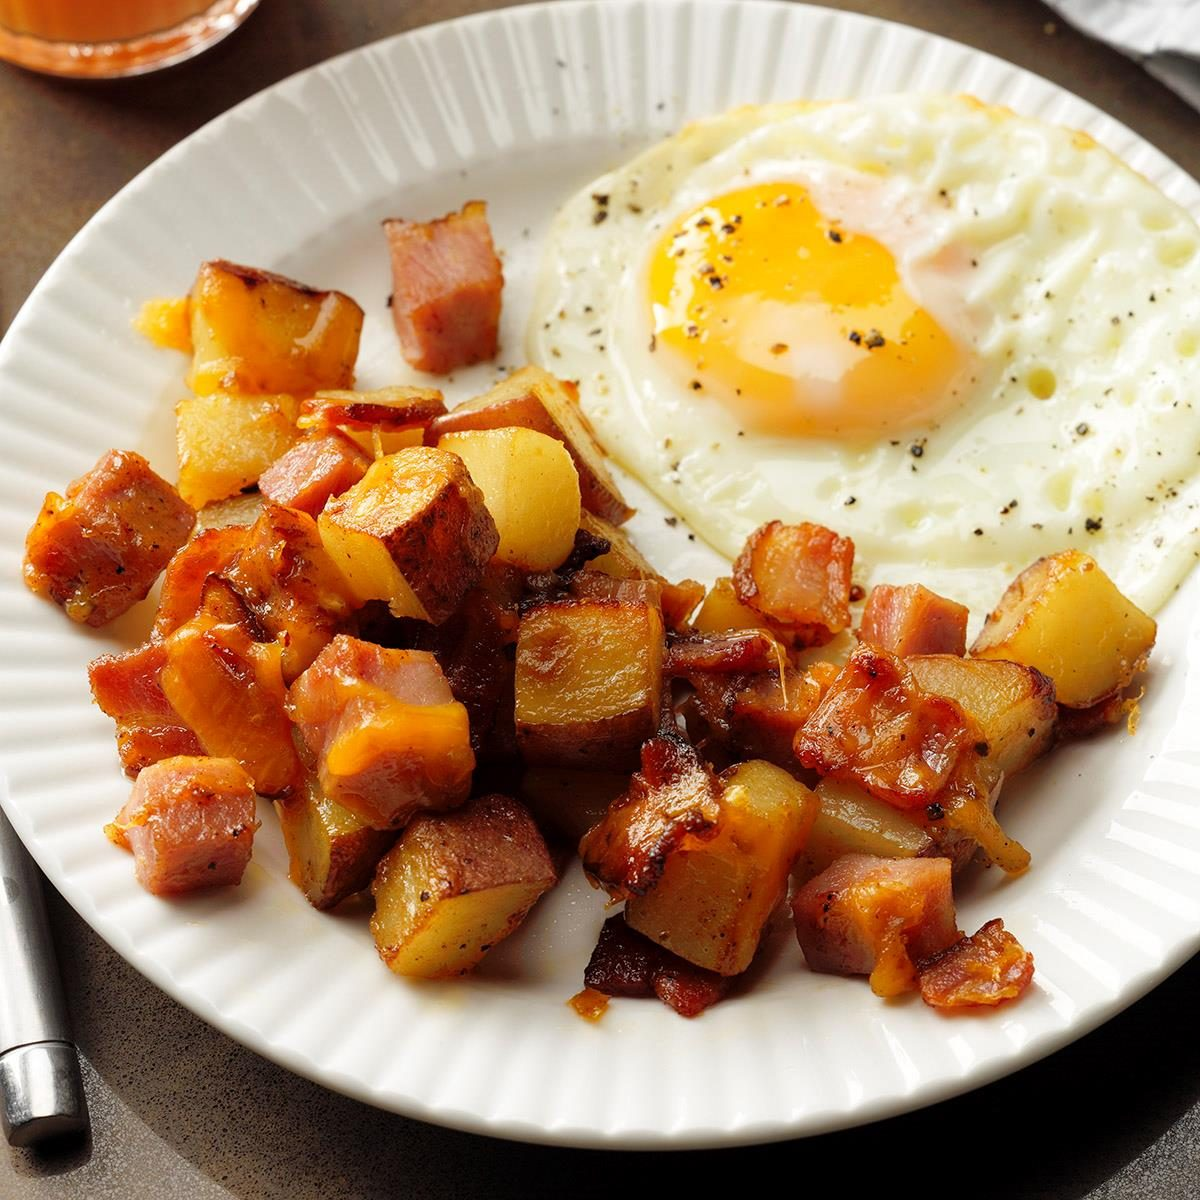 Loaded breakfast potatoes